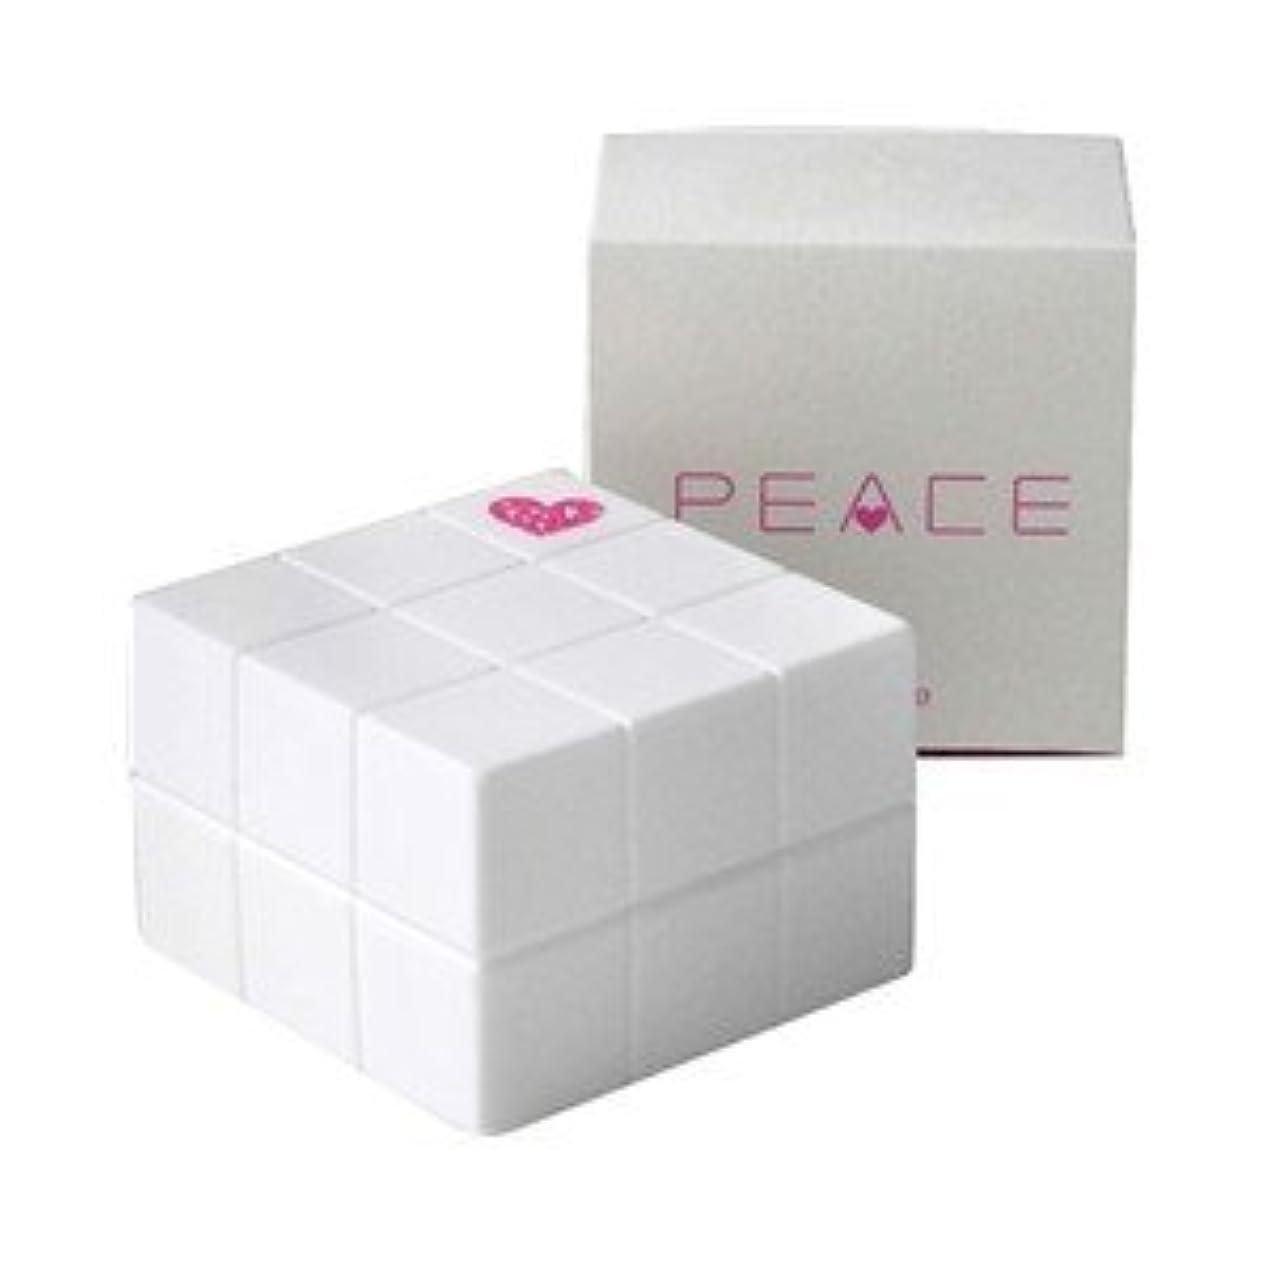 ドラフト疑い人形アリミノ ピース プロデザイン グロスワックス40g ×2個 セット arimino PEACE